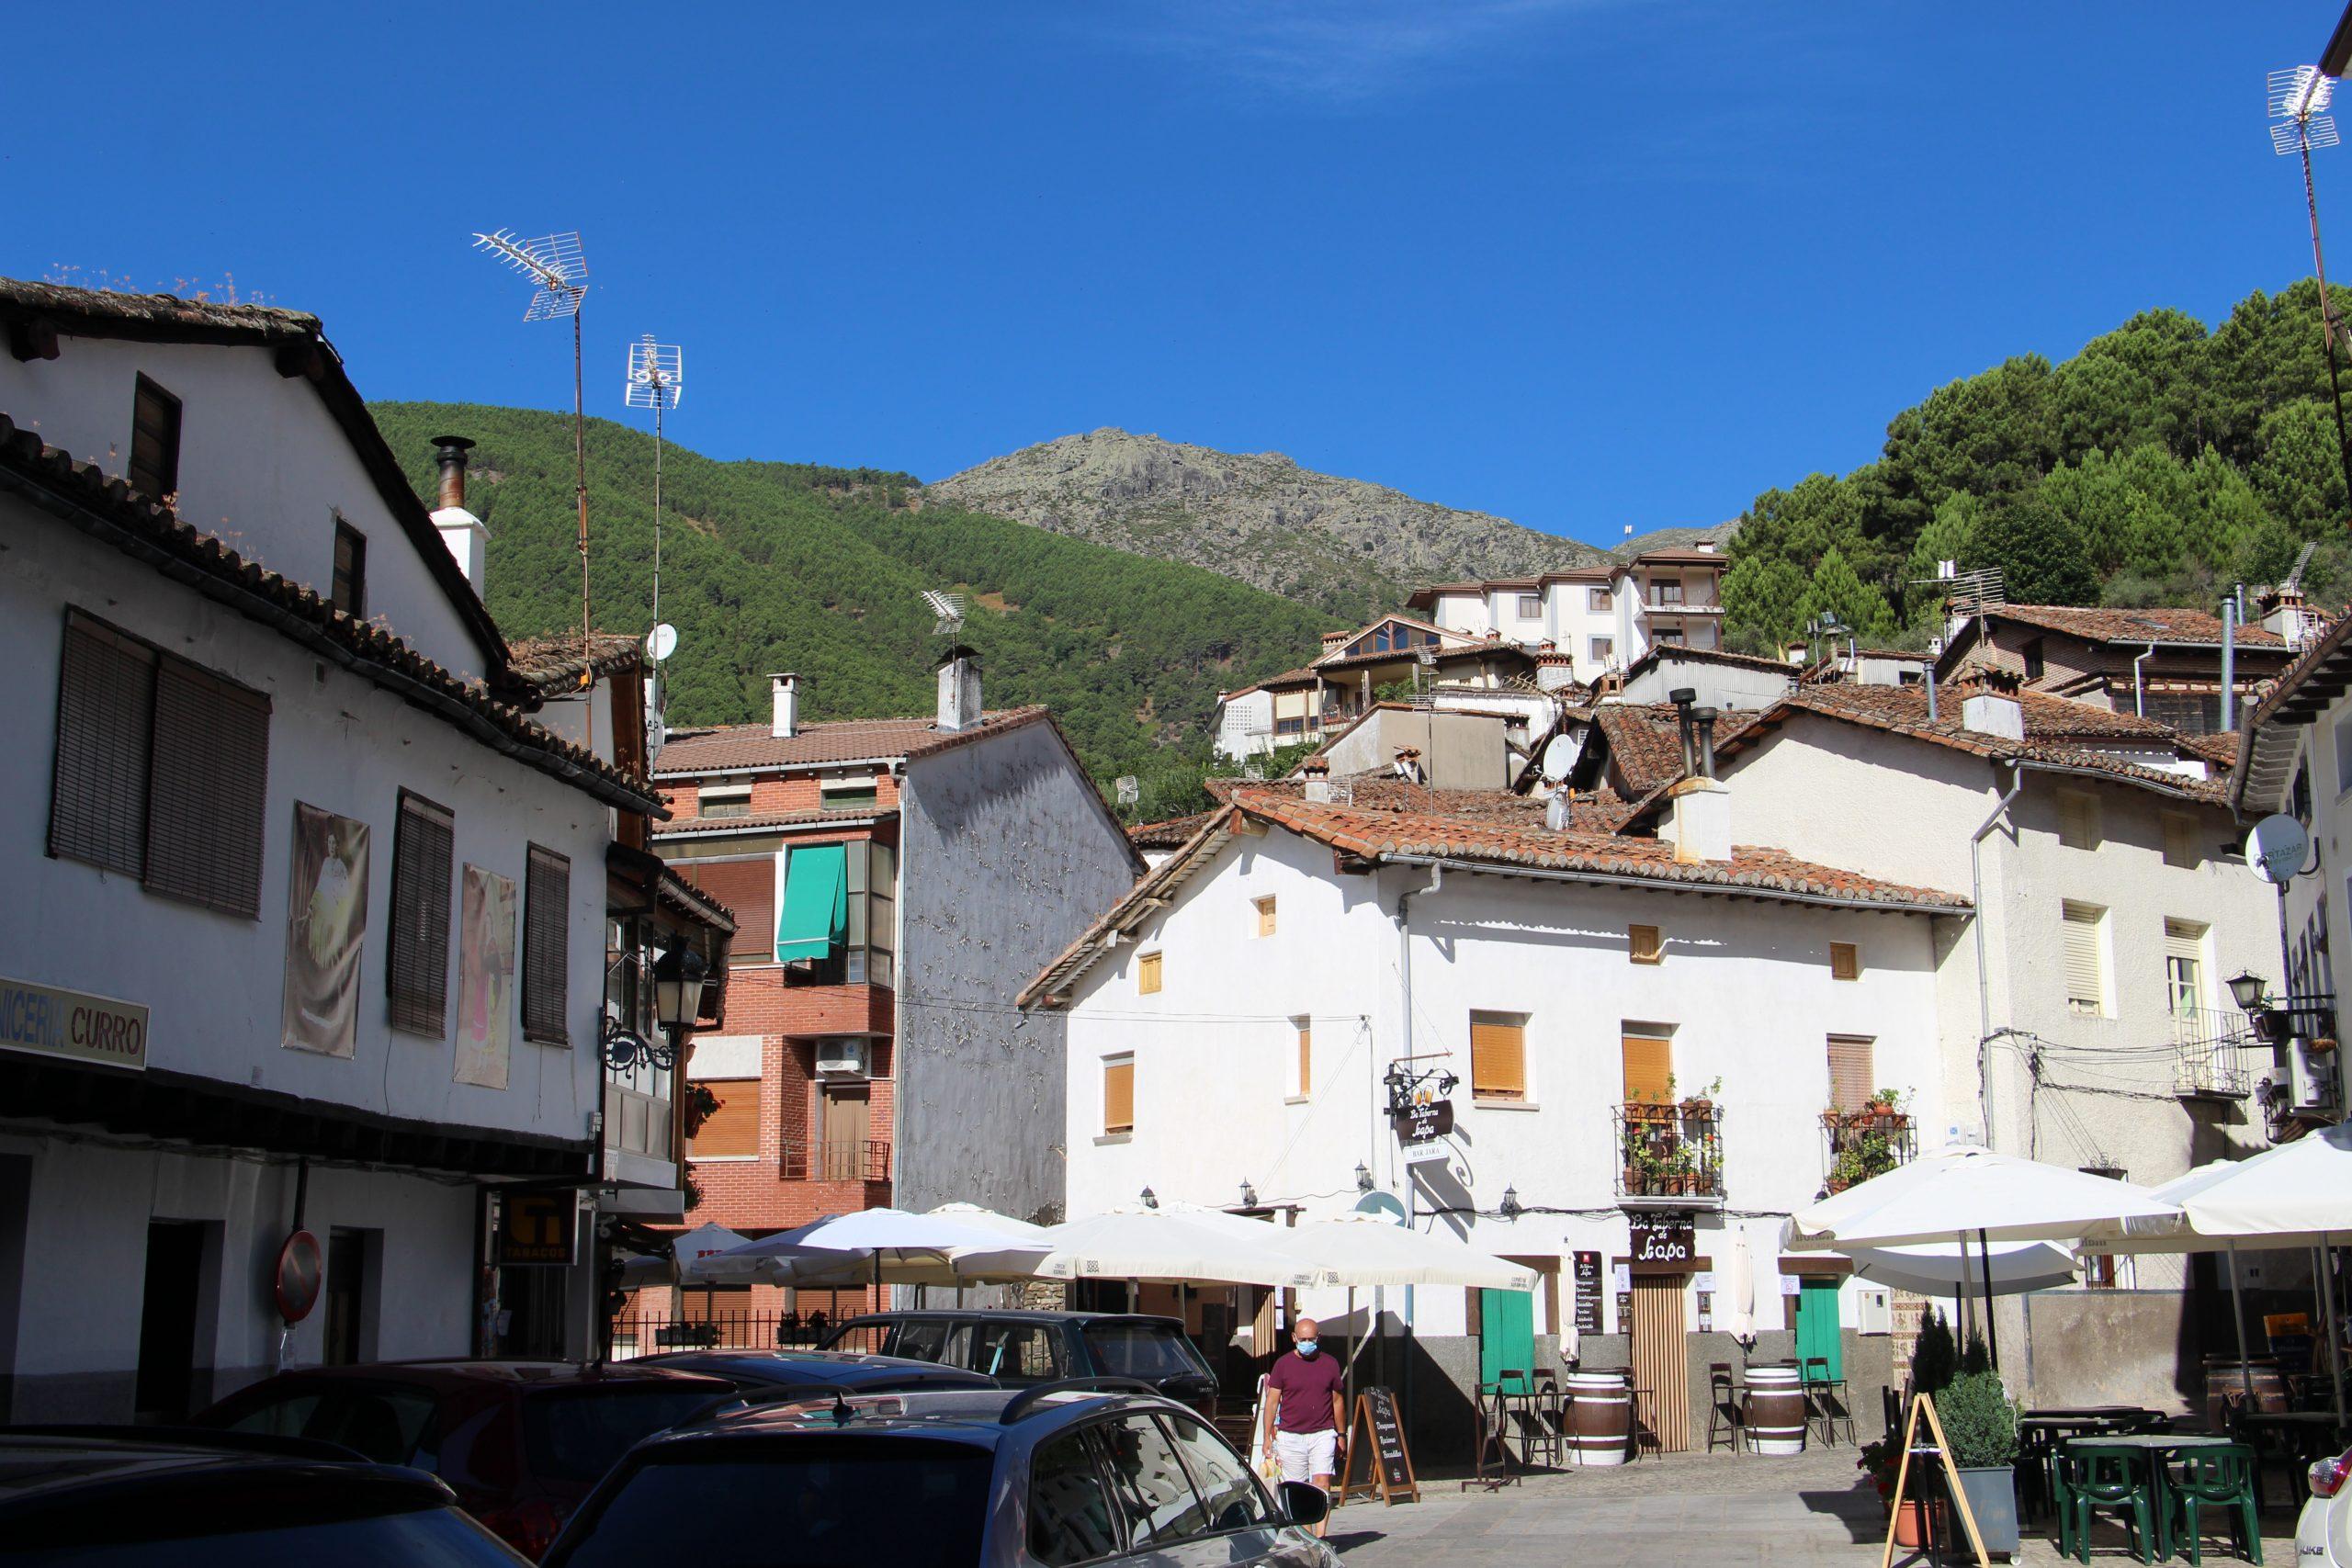 -Plaza del ayuntamiento en Guisando-